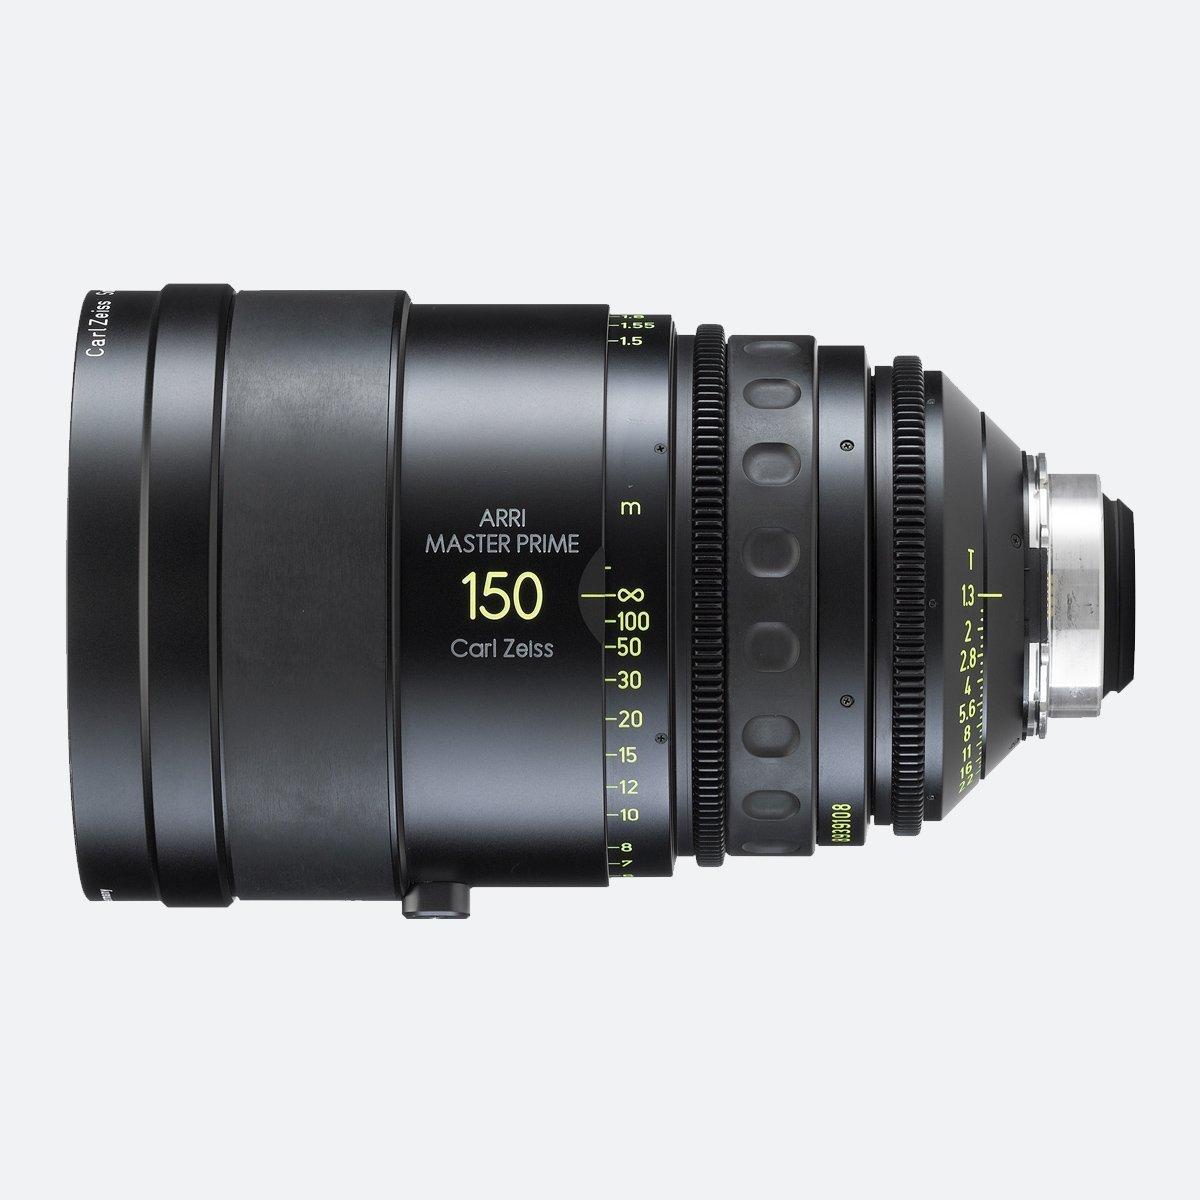 ARRI 150mm T1.3 Master Prime Lens